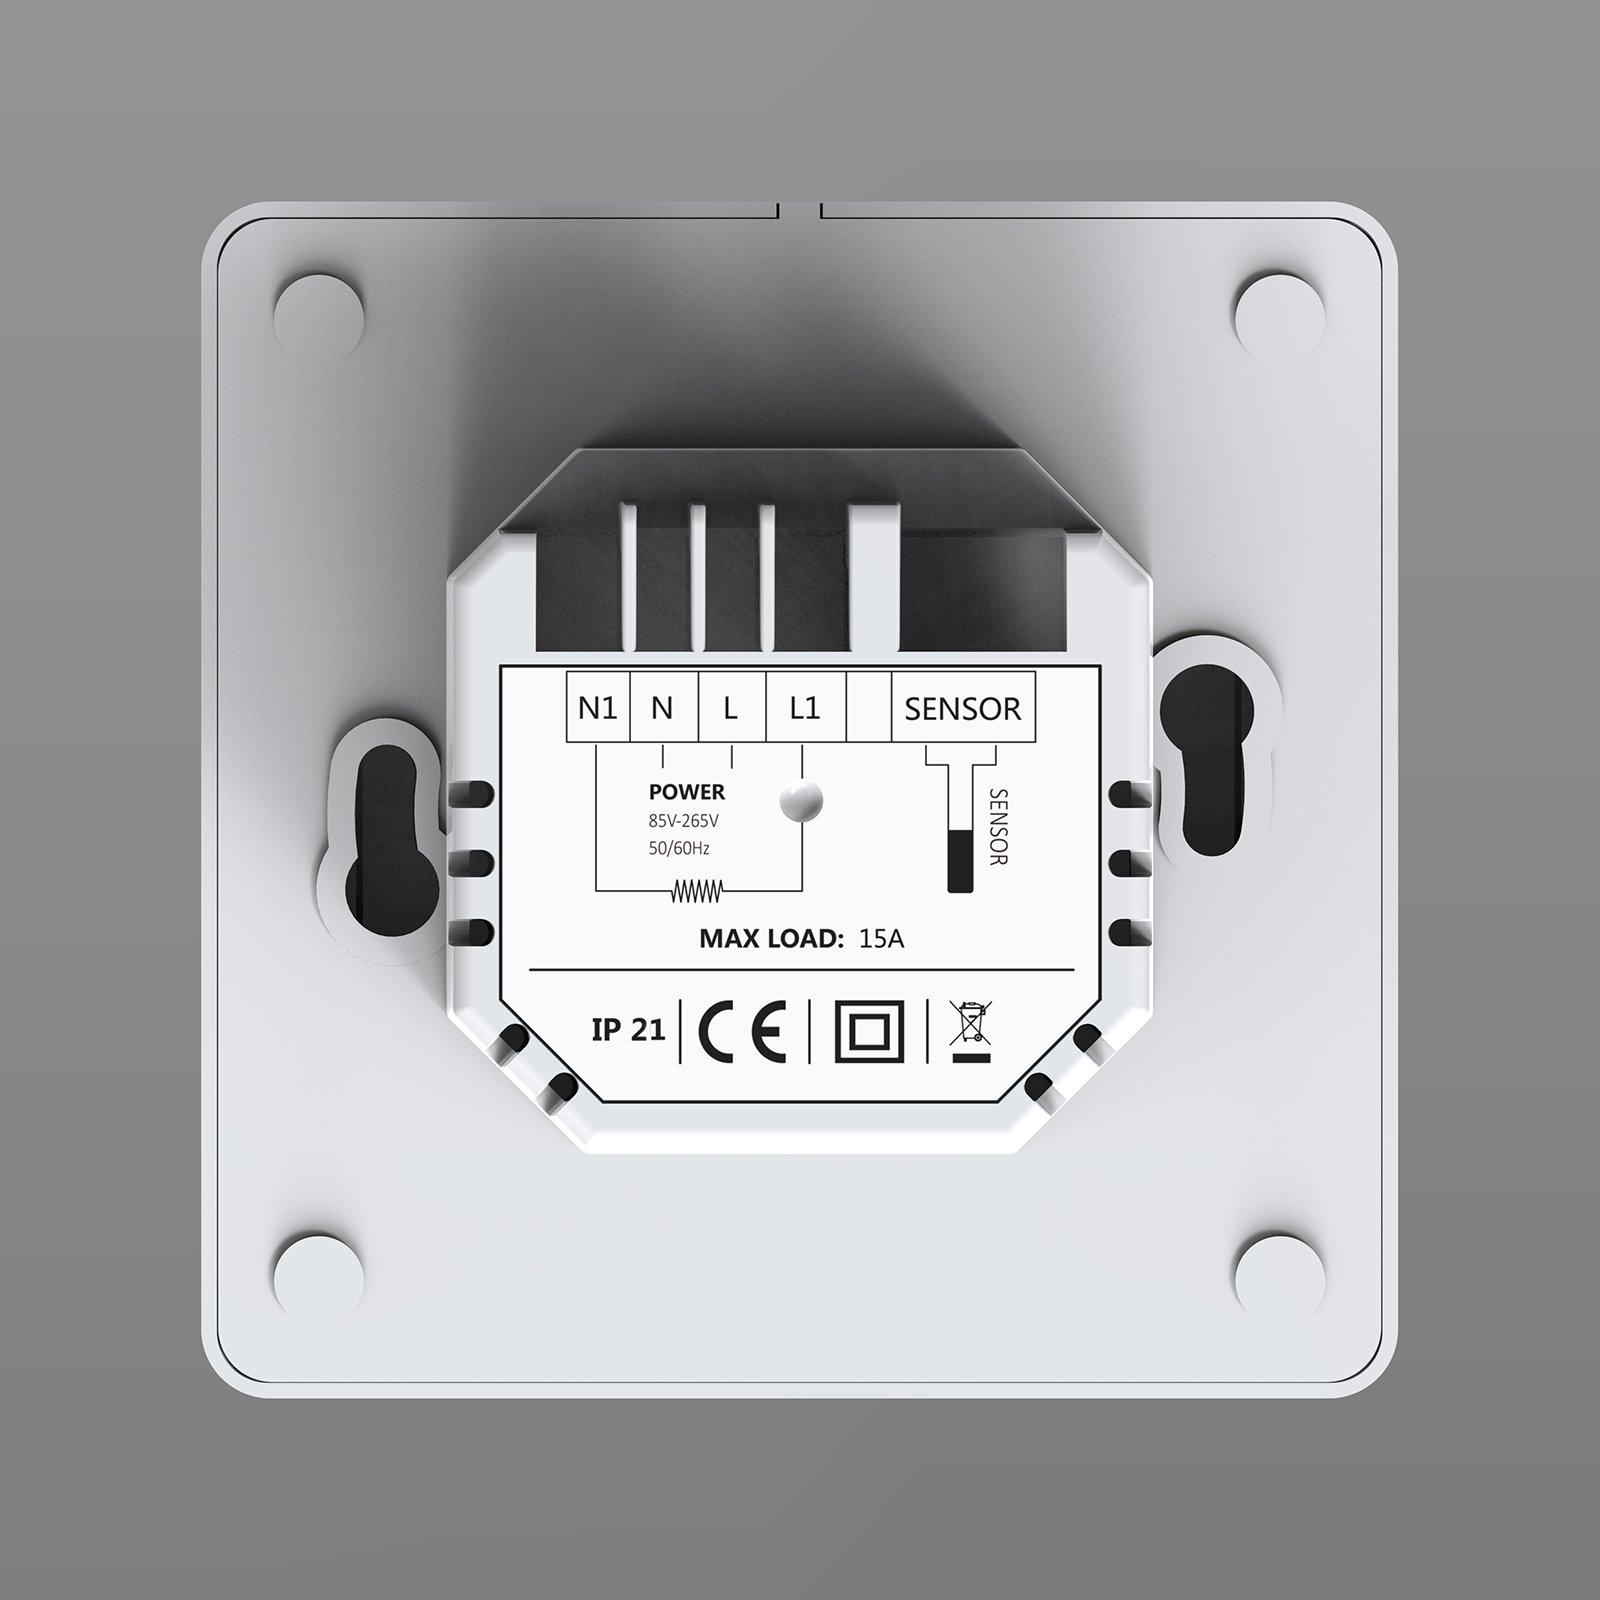 Thermostat ET61W White für elektrische Fußbodenheizung mit TWIN-Technologie - Steuerung über Smartphone zoom thumbnail 3